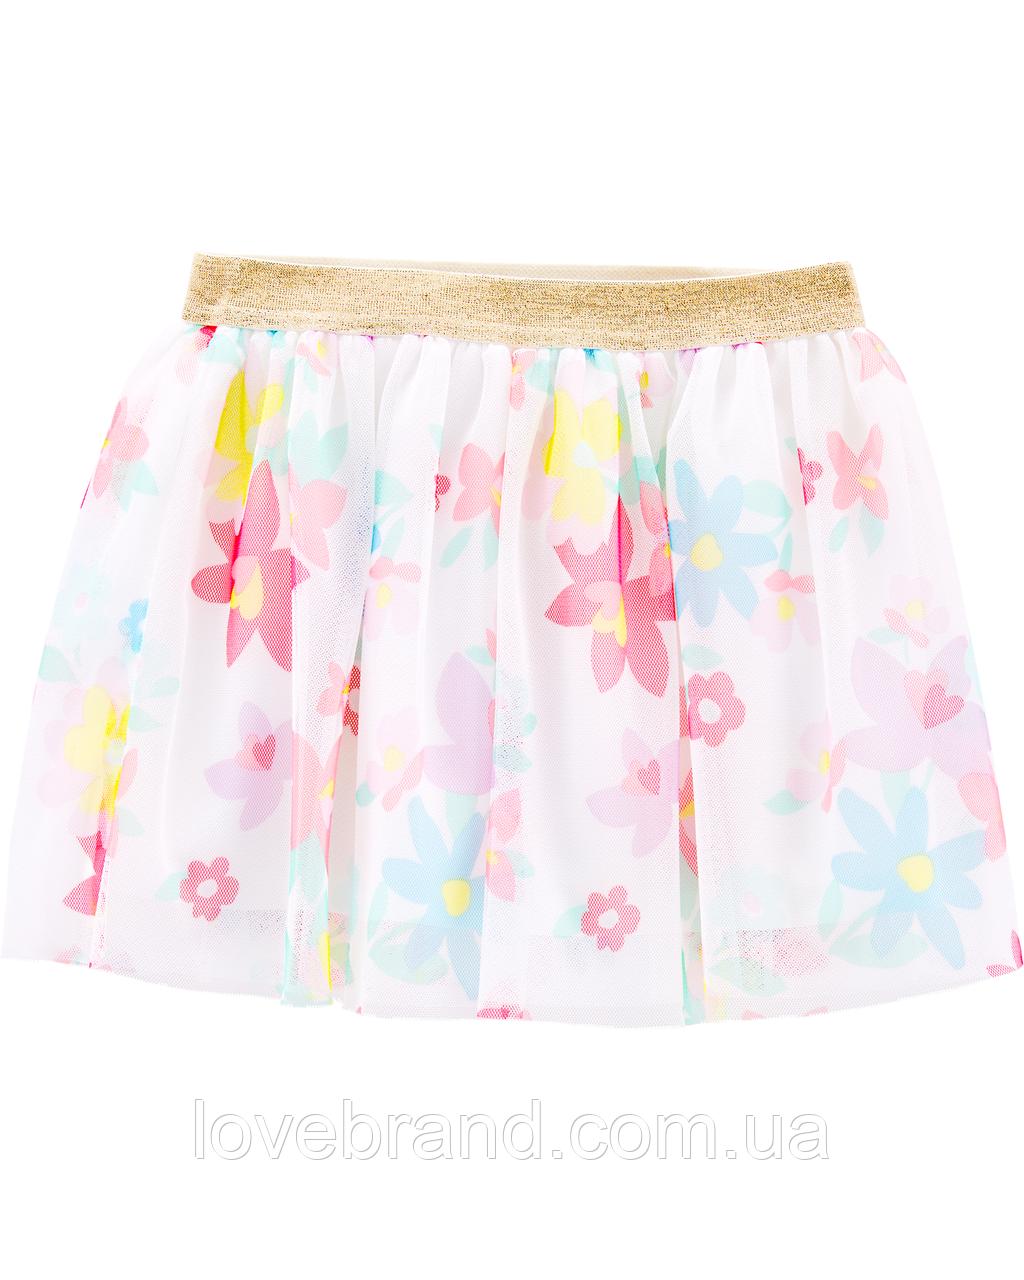 Фатиновая юбка Carter's для новорожденных девочек 18 мес/78-83 см